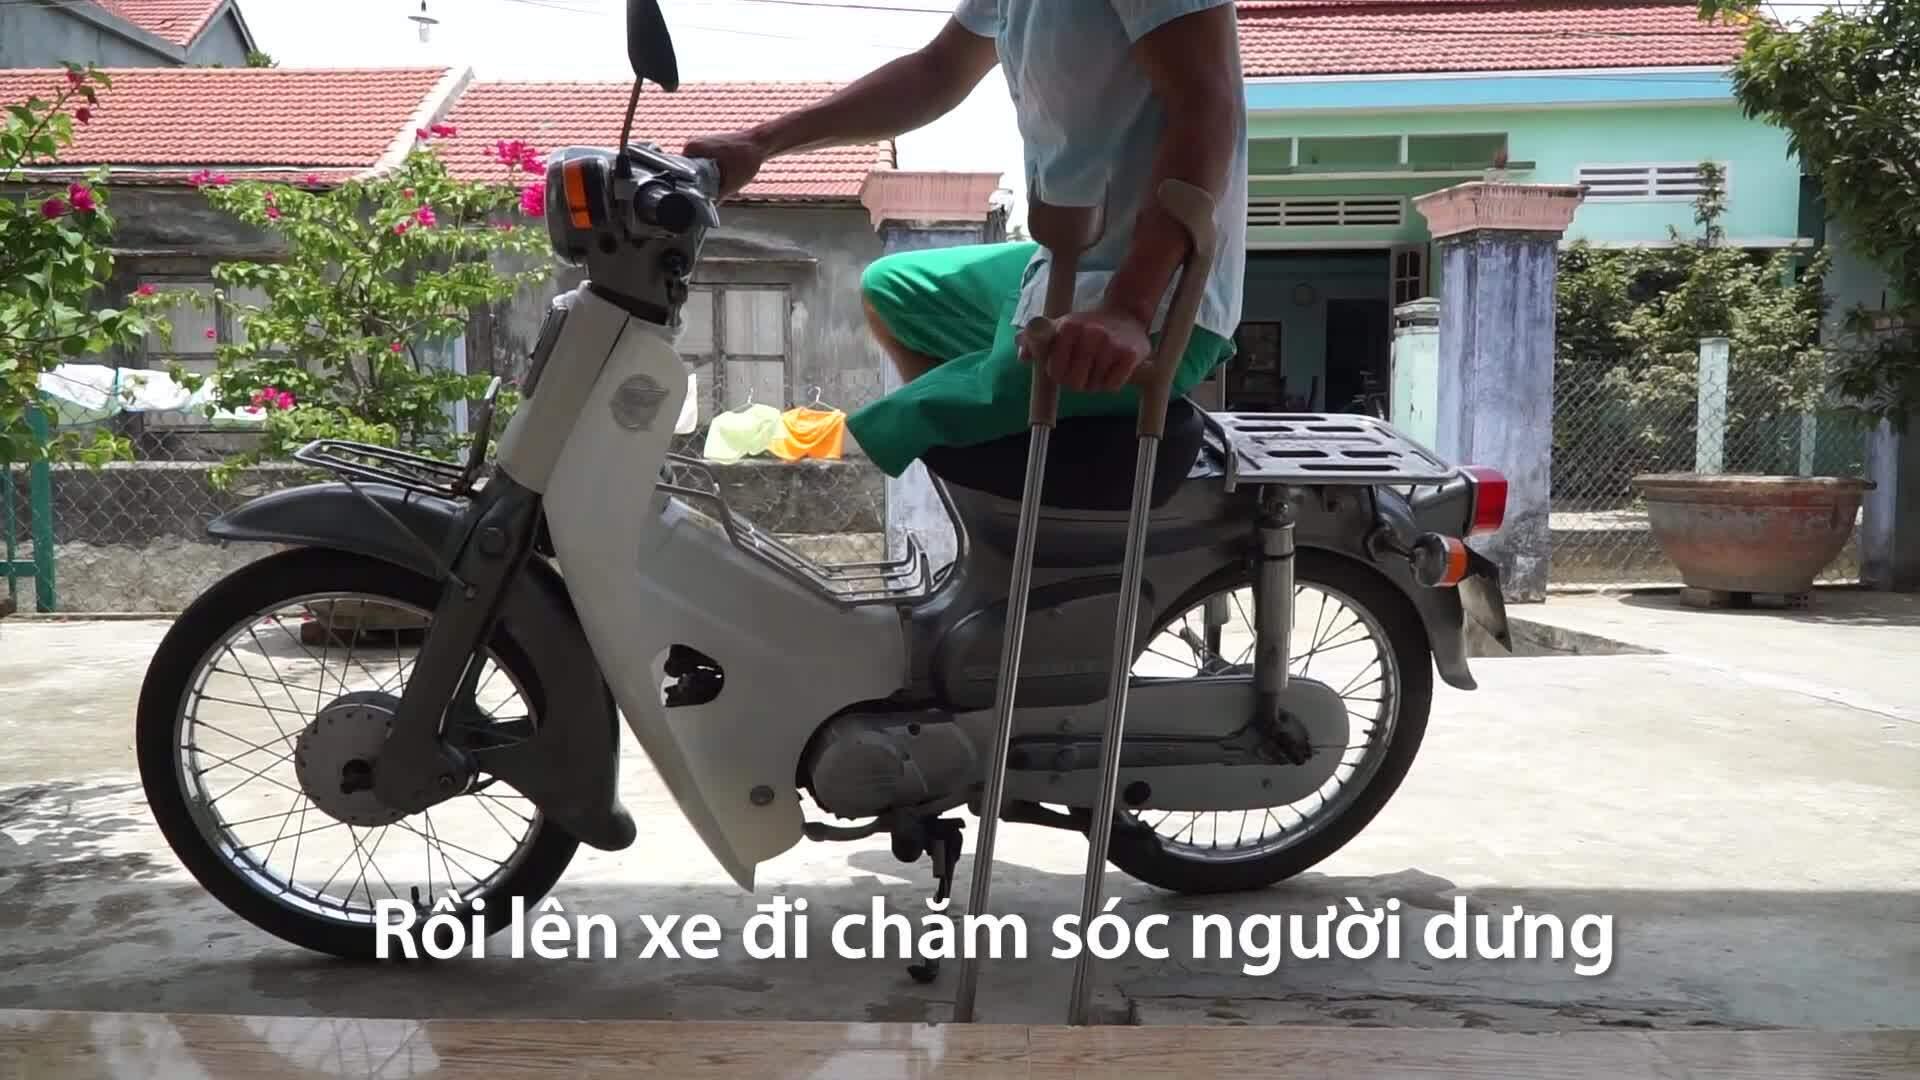 Người đàn ông một chân lái xe máy đi chăm người xa lạ